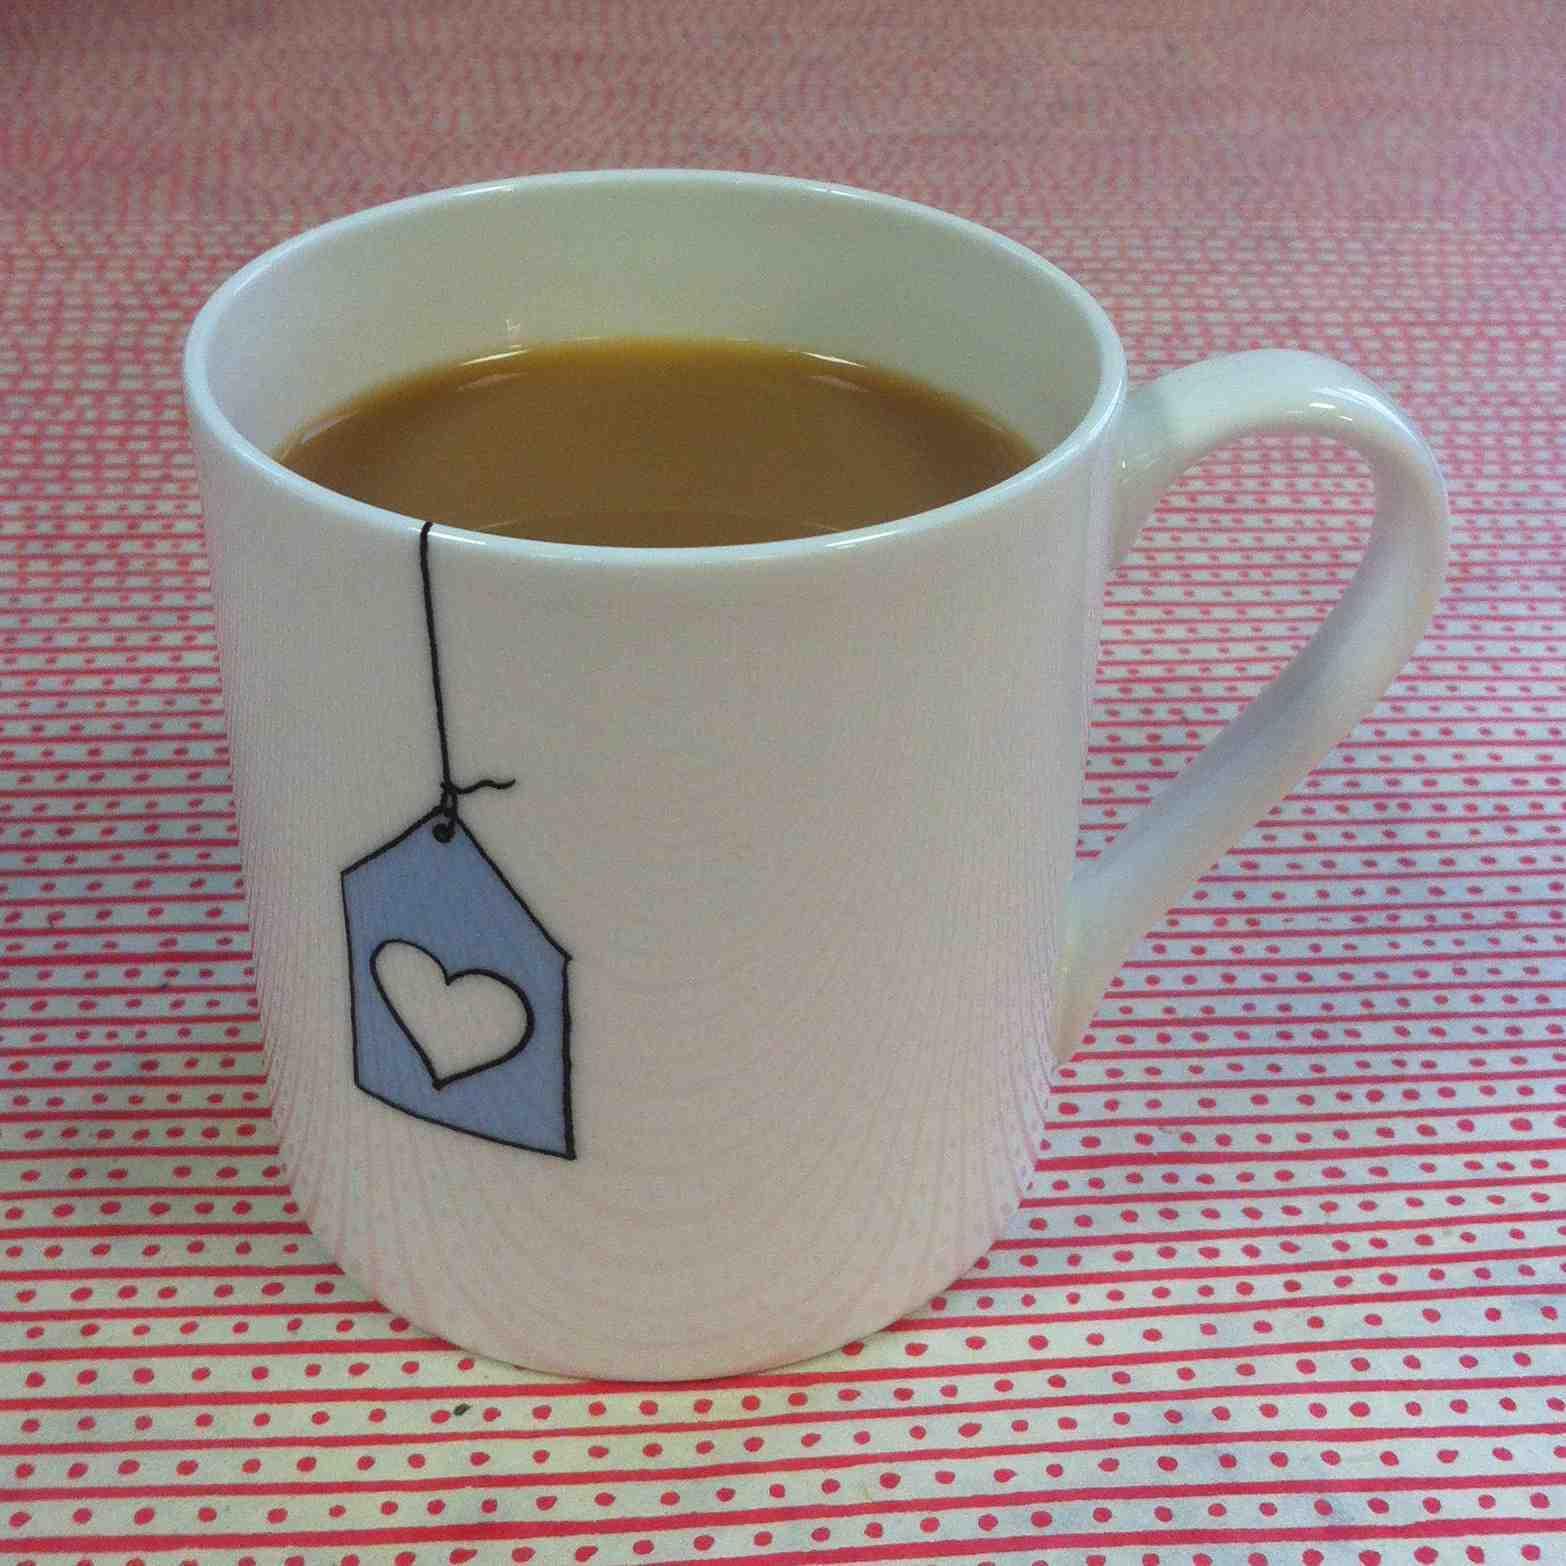 BvP Heart Mug 127.jpg